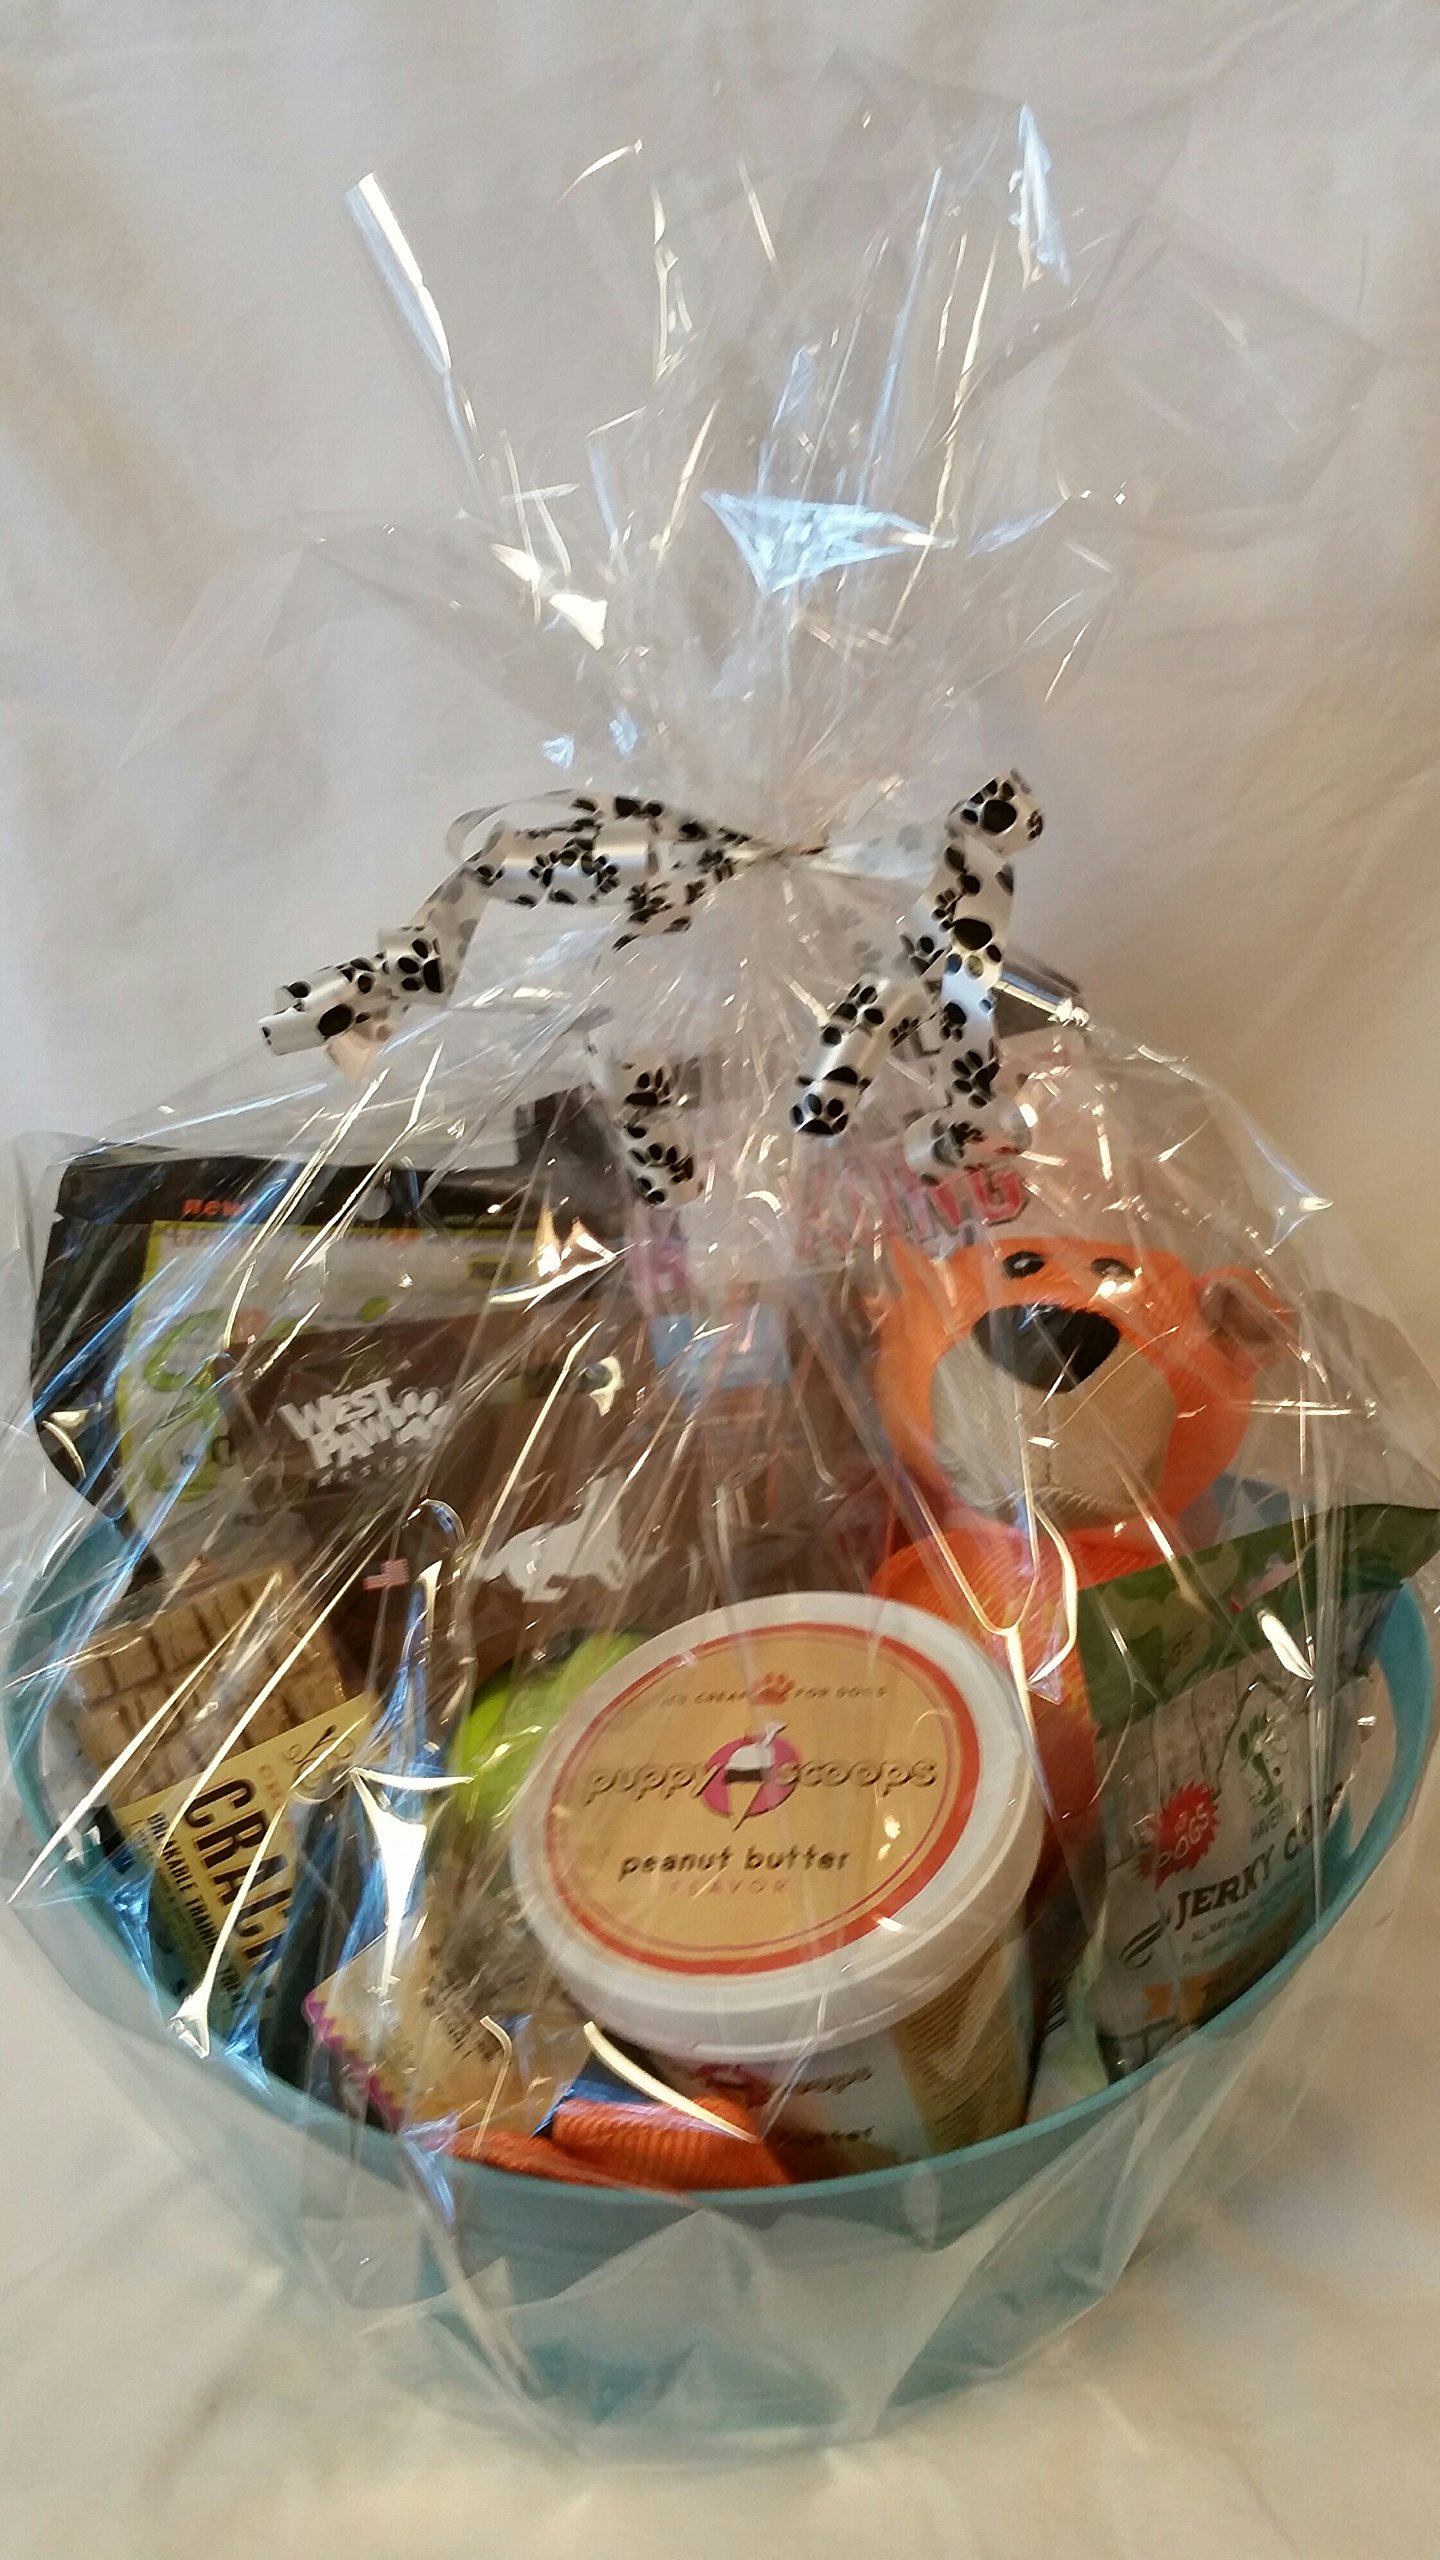 Medium/Large Breed Dog Gift Basket